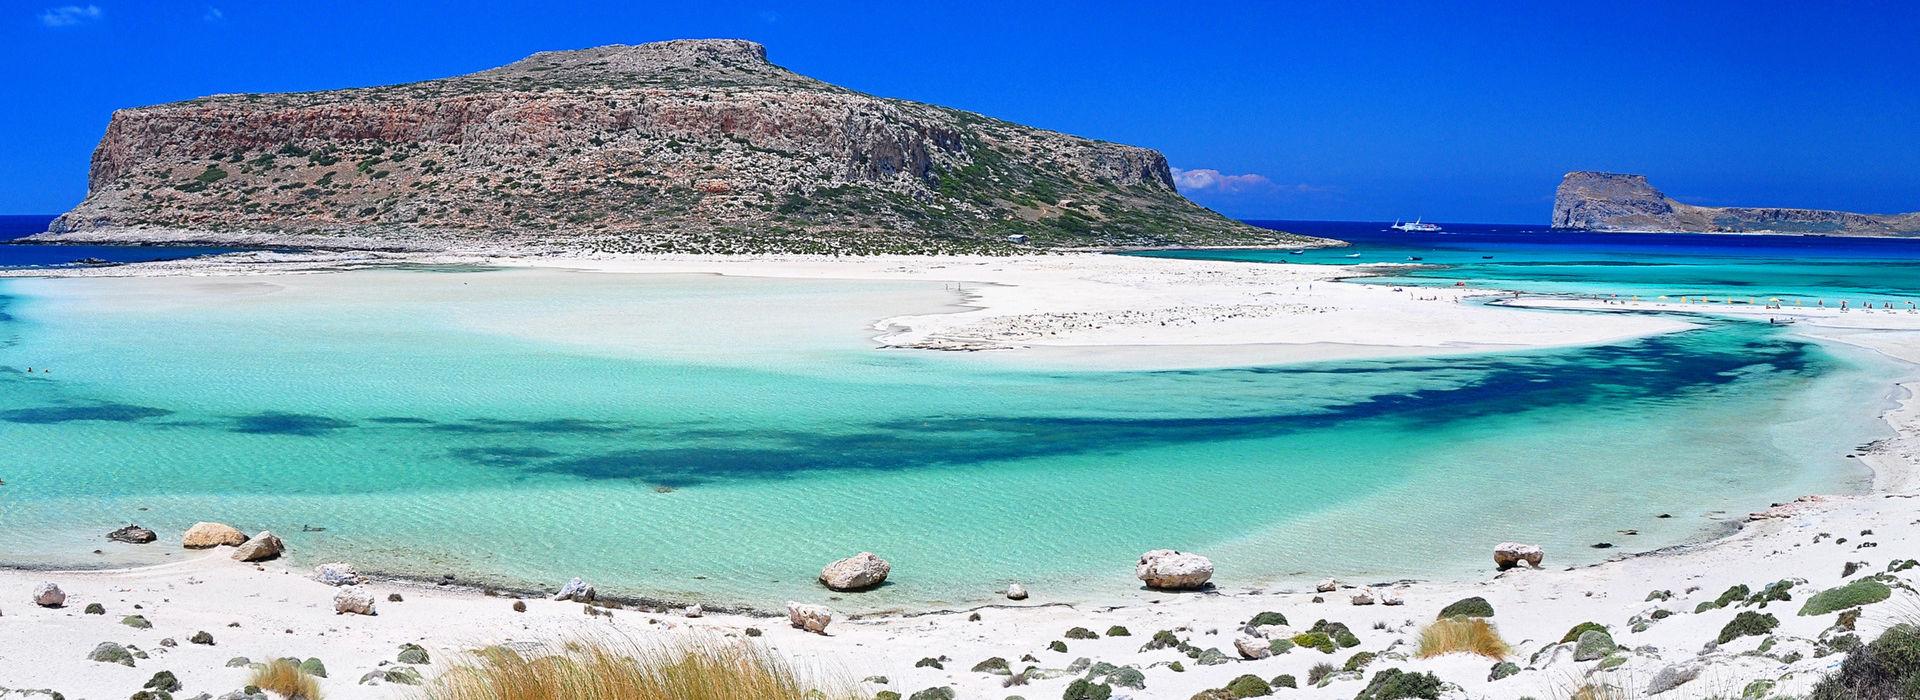 Die Insel Gramvousa und die Lagune von Balos